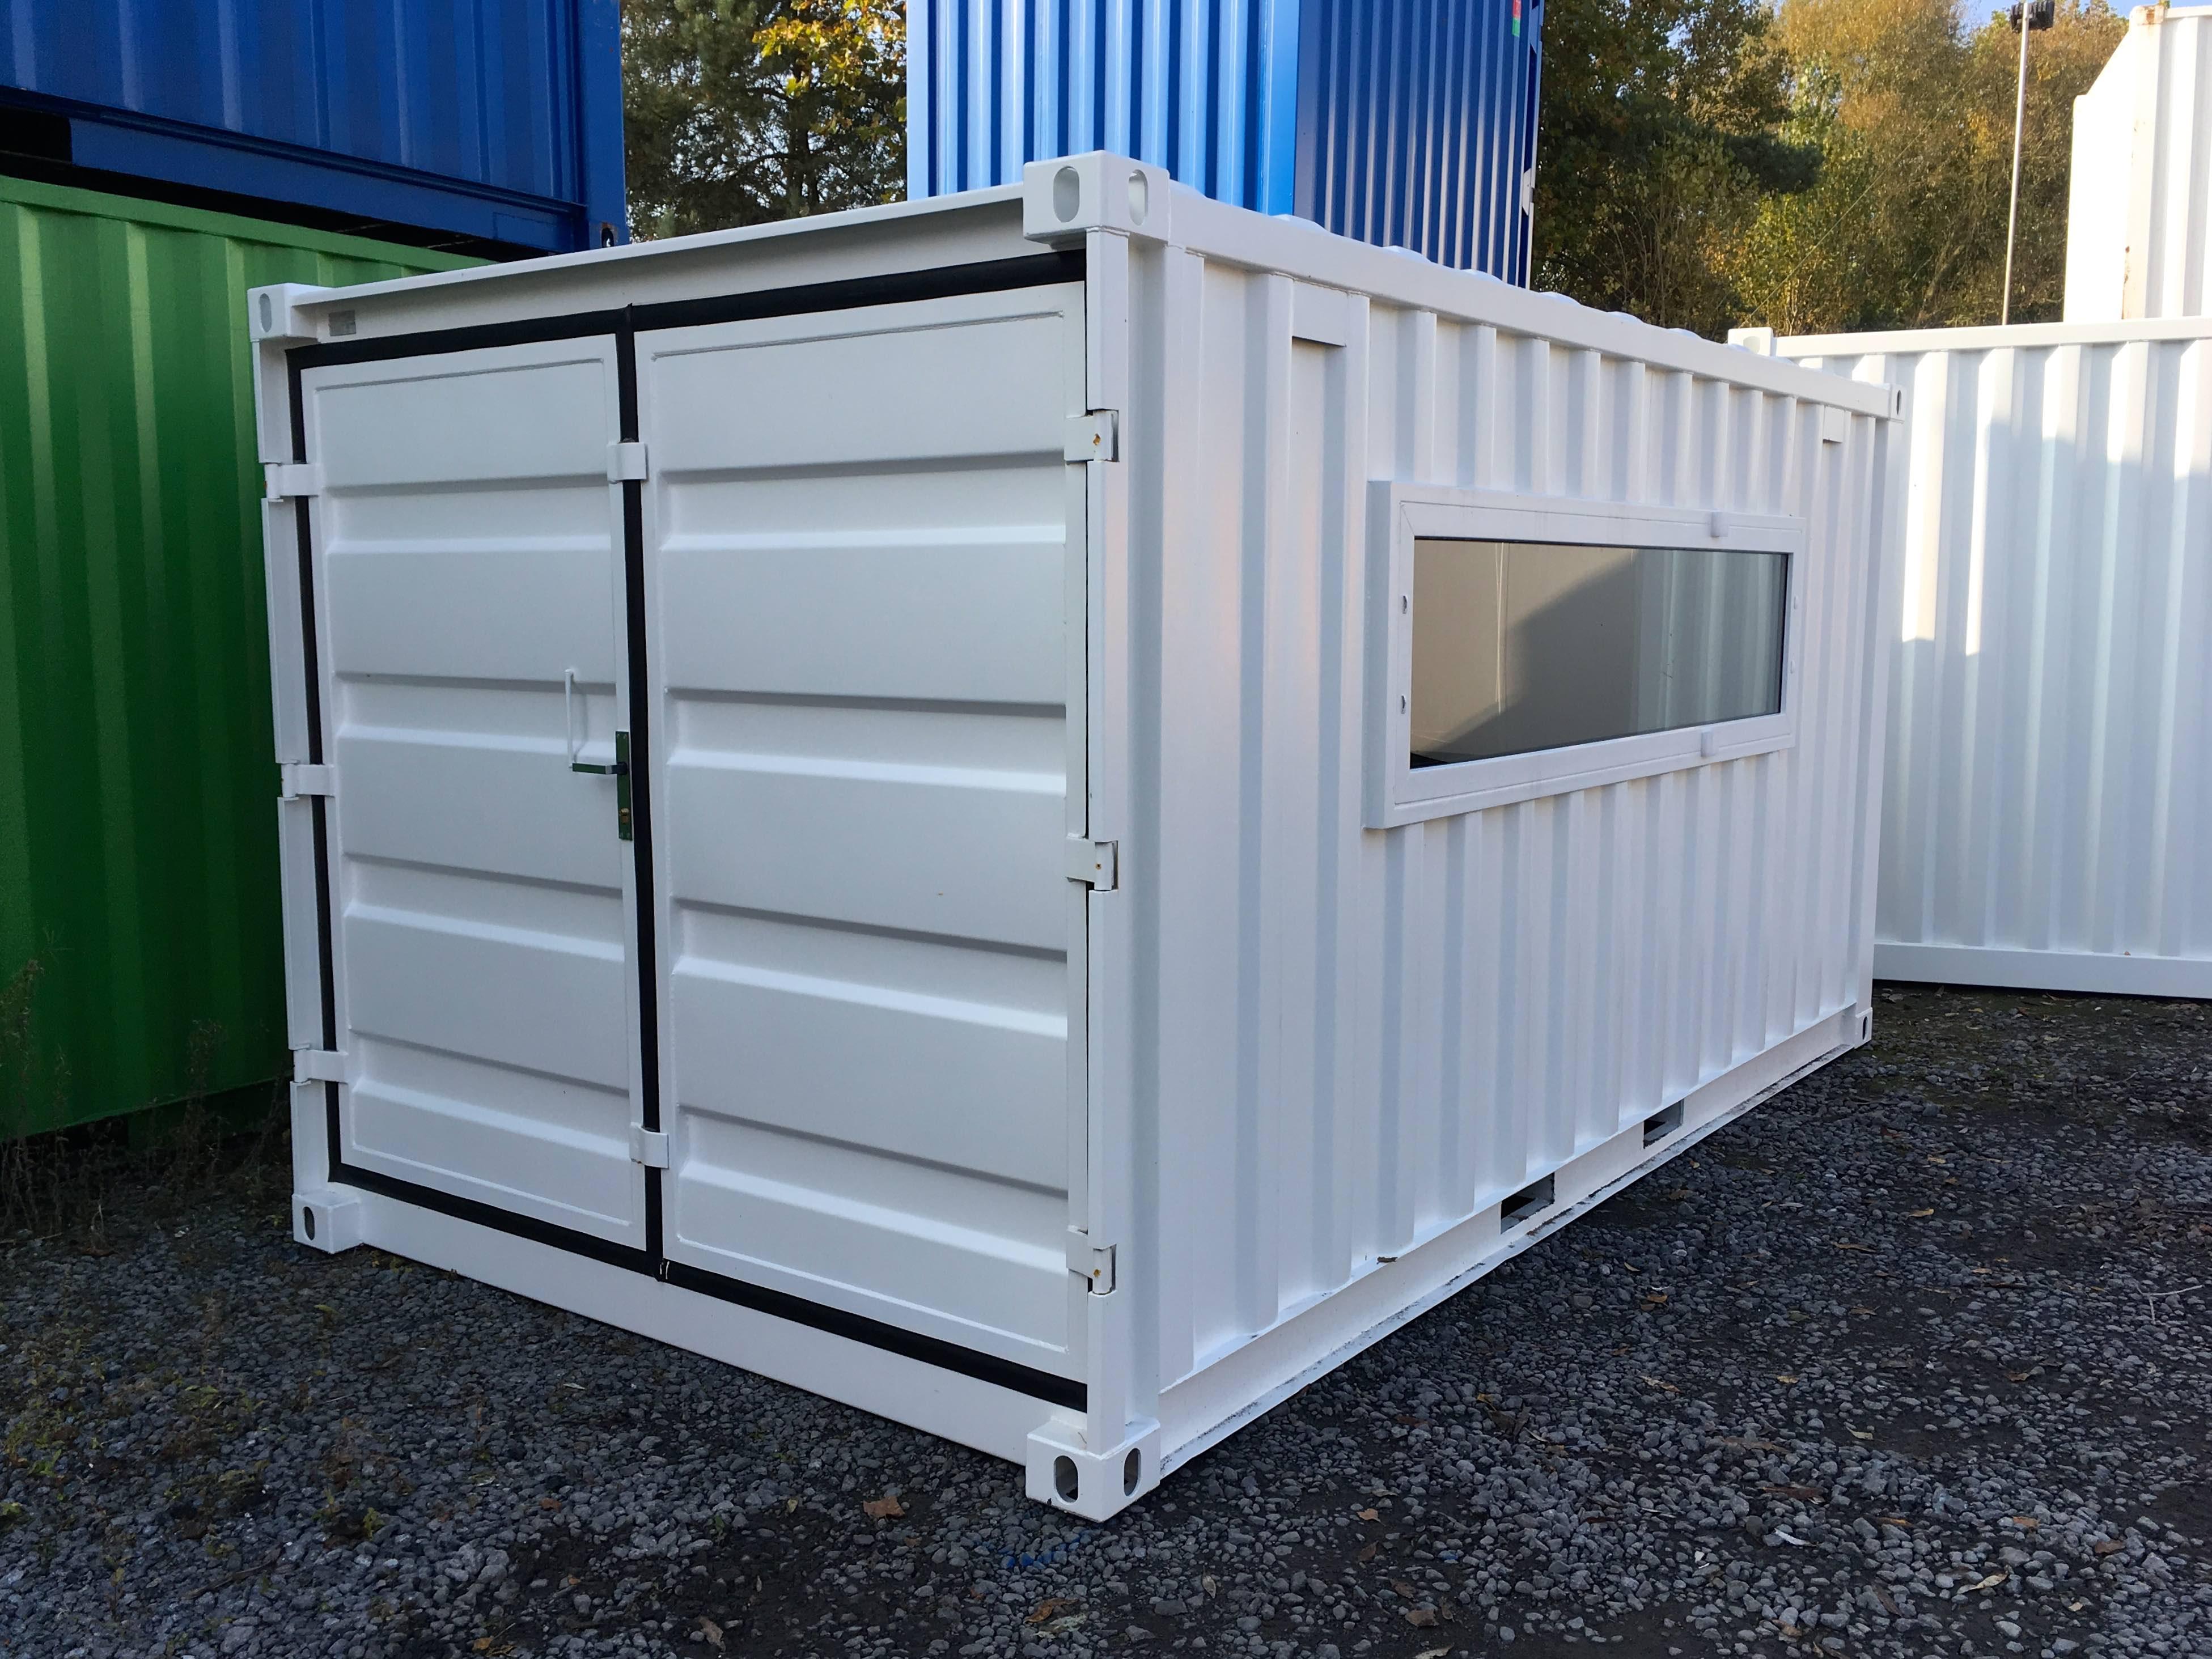 Gartenhaus in einem Container | Referenzen | Mechanic International